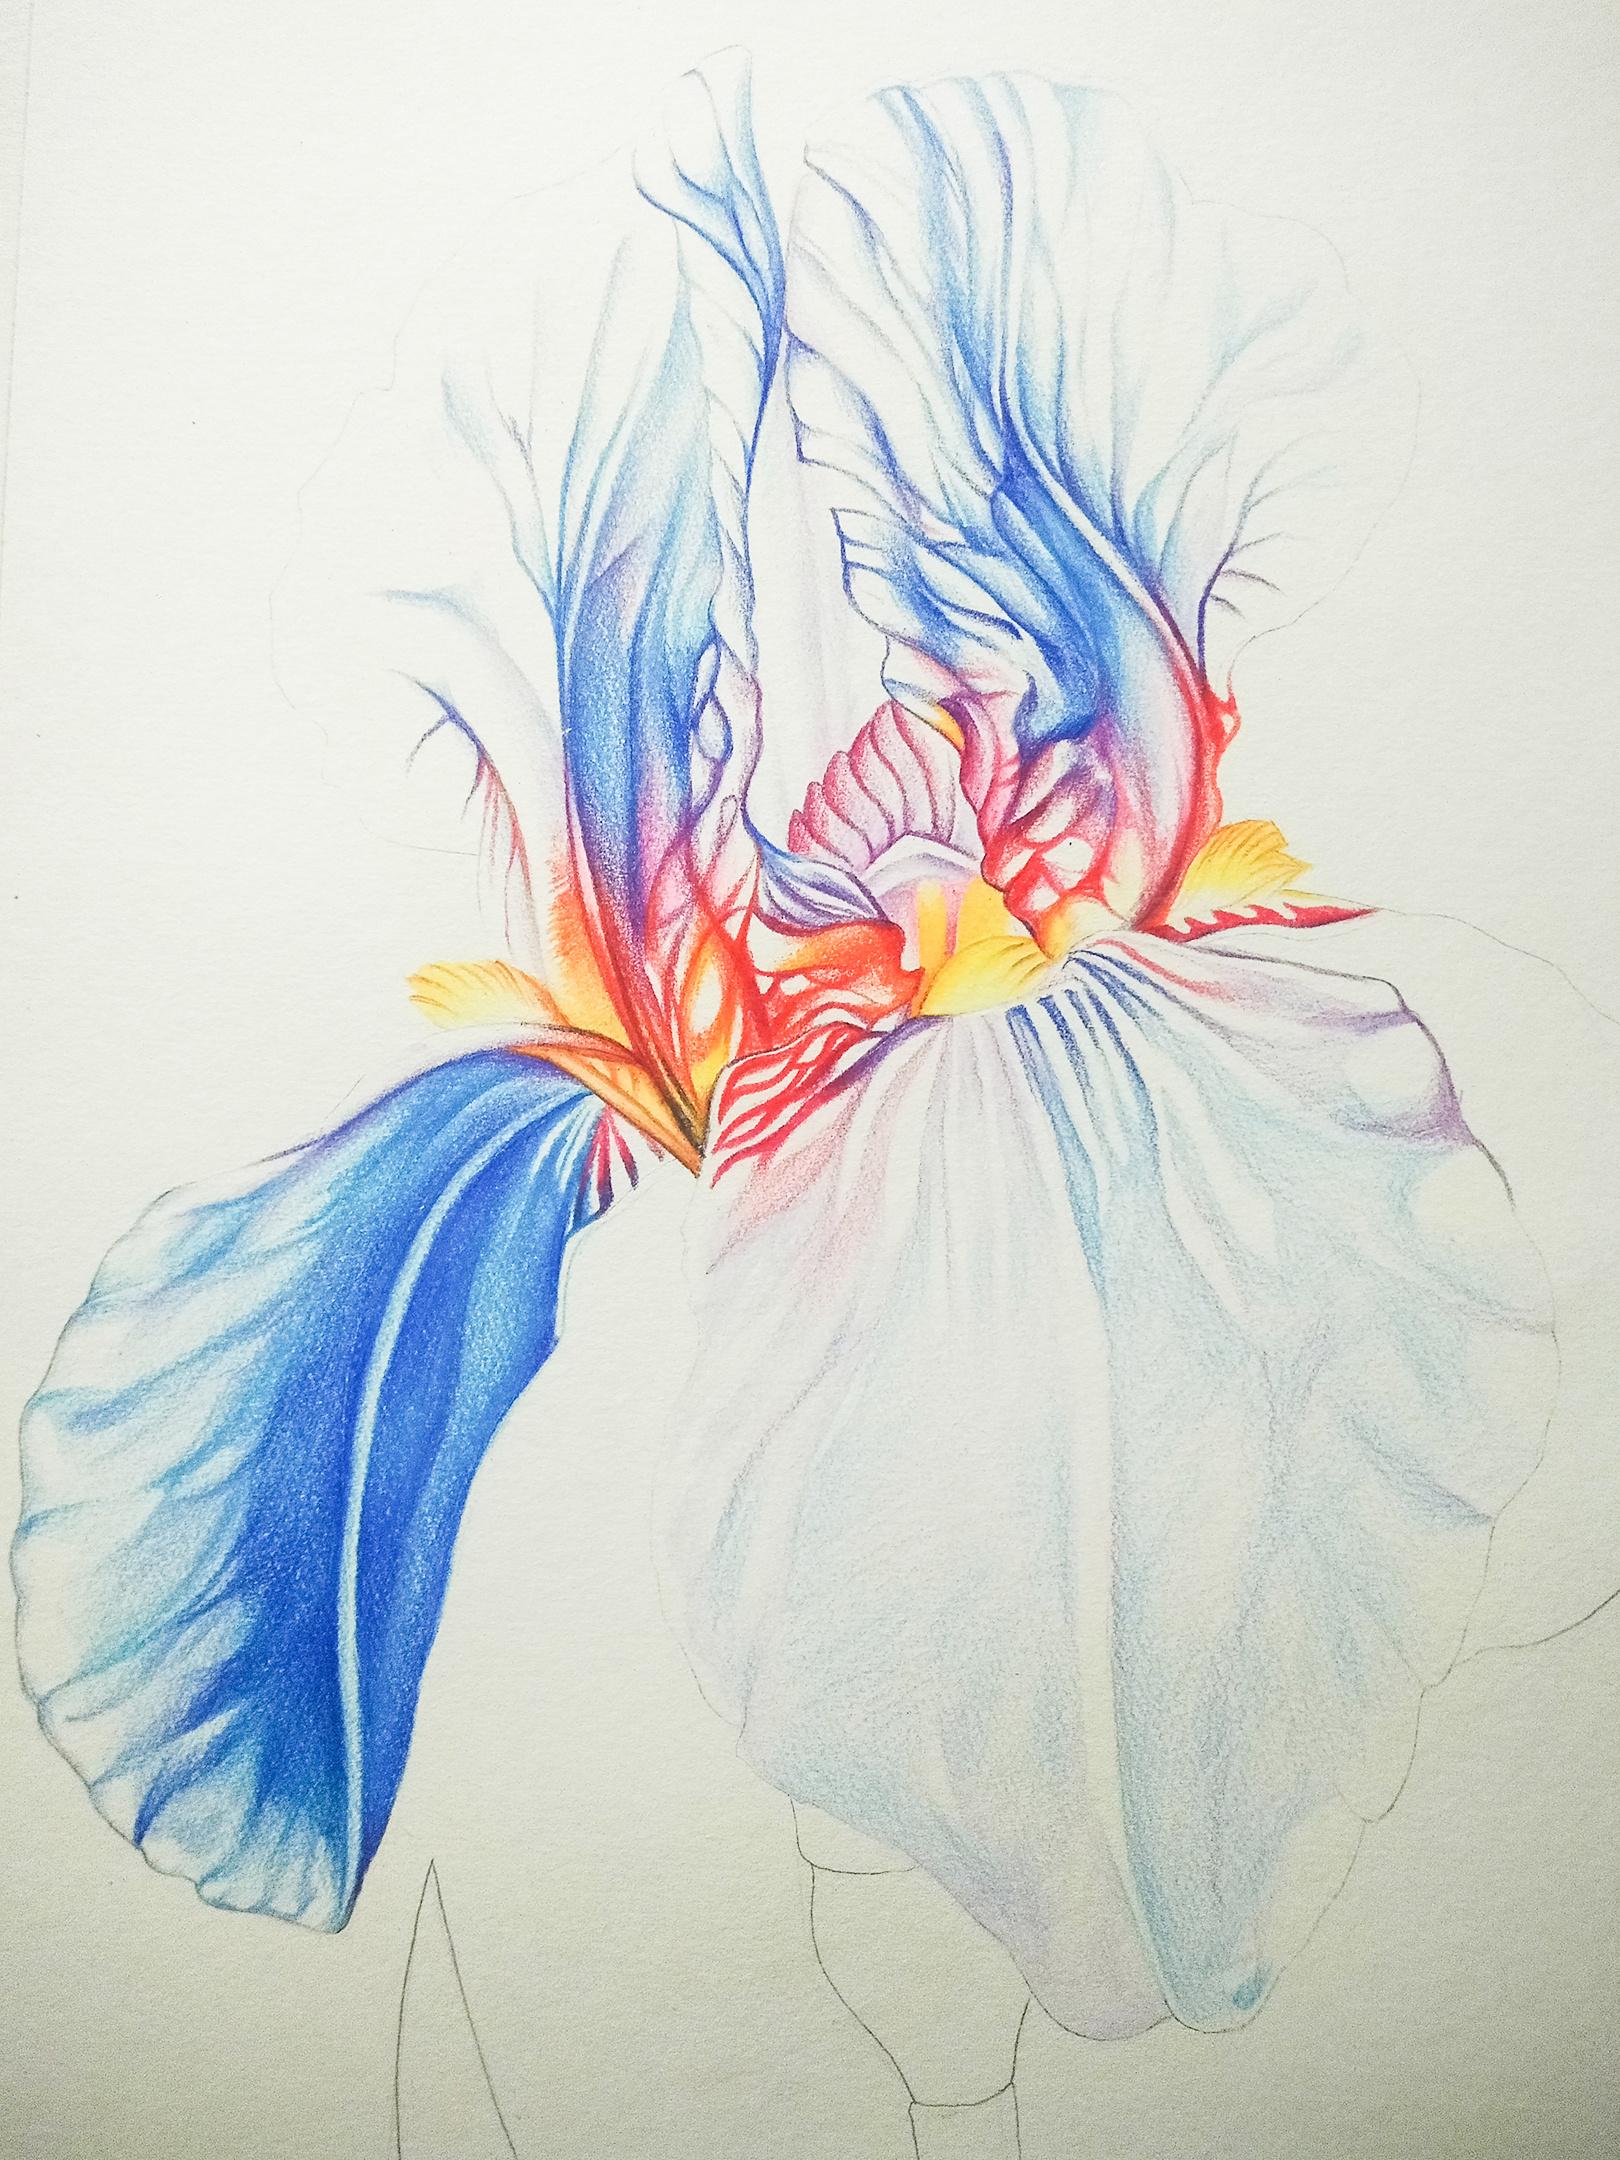 鸢尾花手绘过程|纯艺术|彩铅|风雨萧萧到谢桥 - 原创